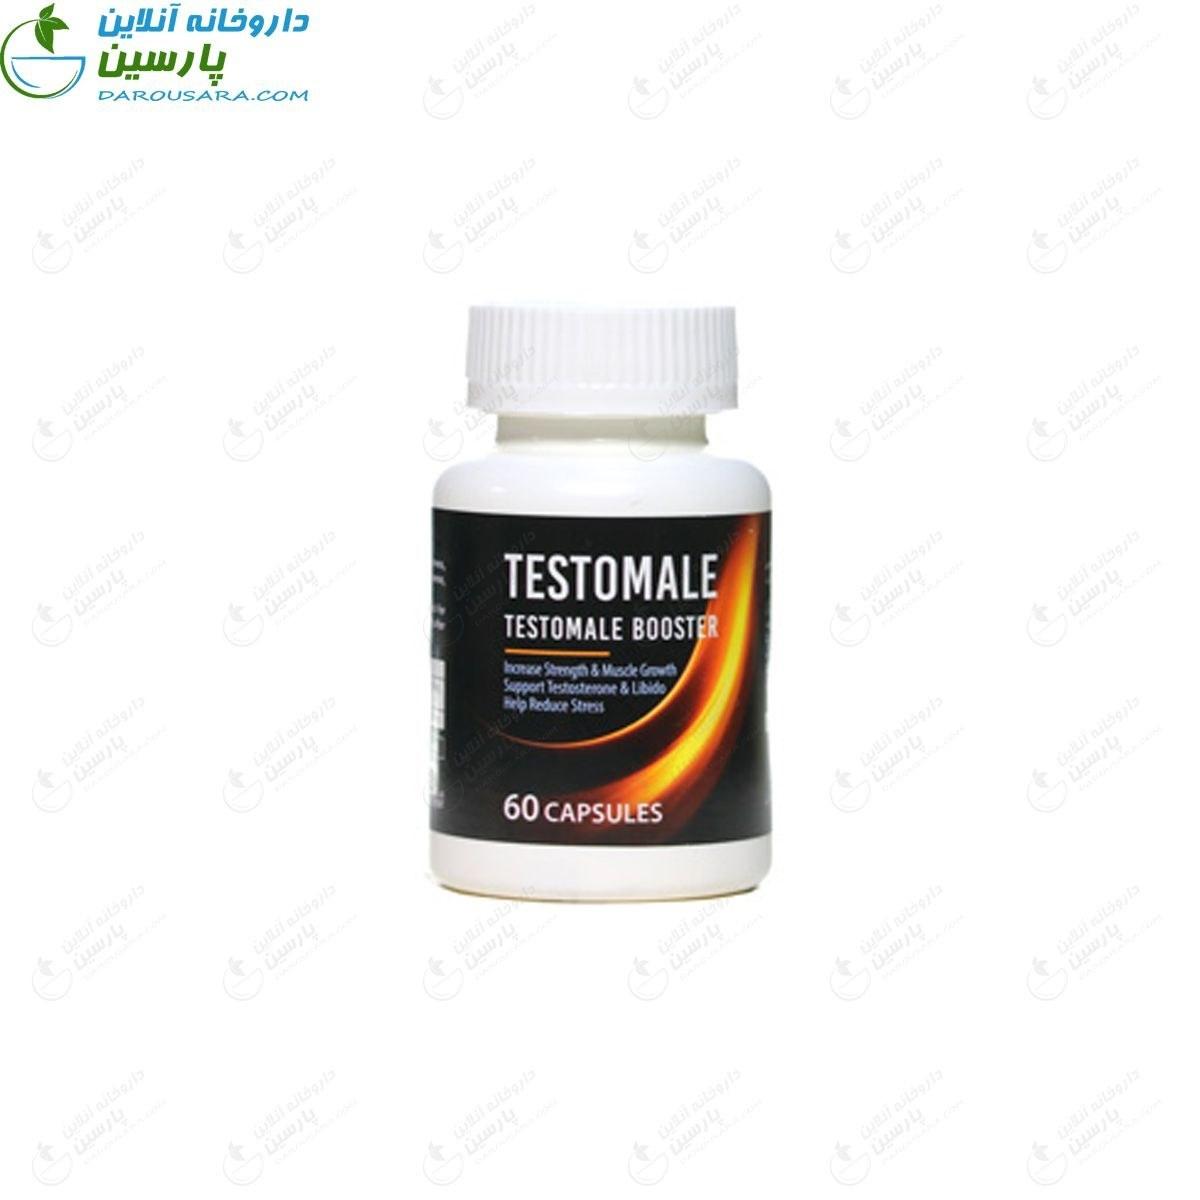 کپسول تستسترون تستومیل طبیعت افزایش میل جنسی زنده  ۶۰ عدد |